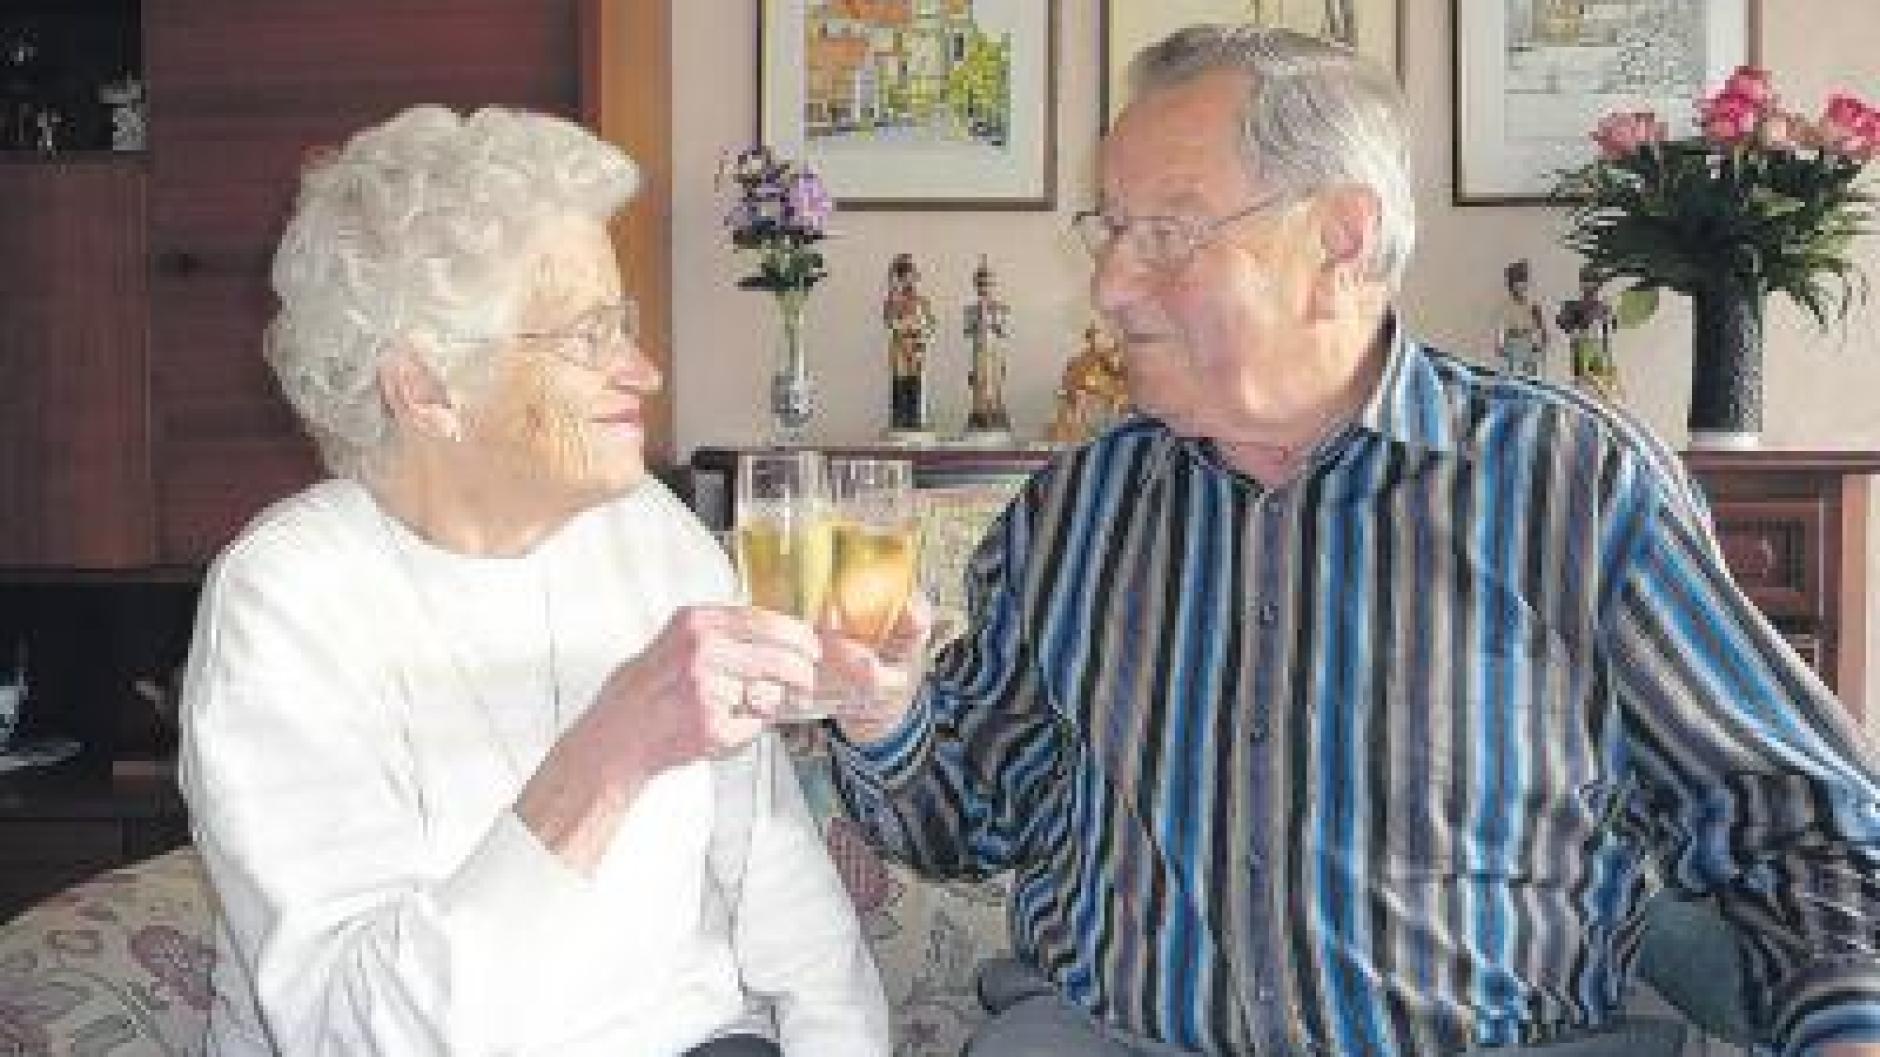 Diamanthochzeit: Von der Nachbarin zur Ehefrau